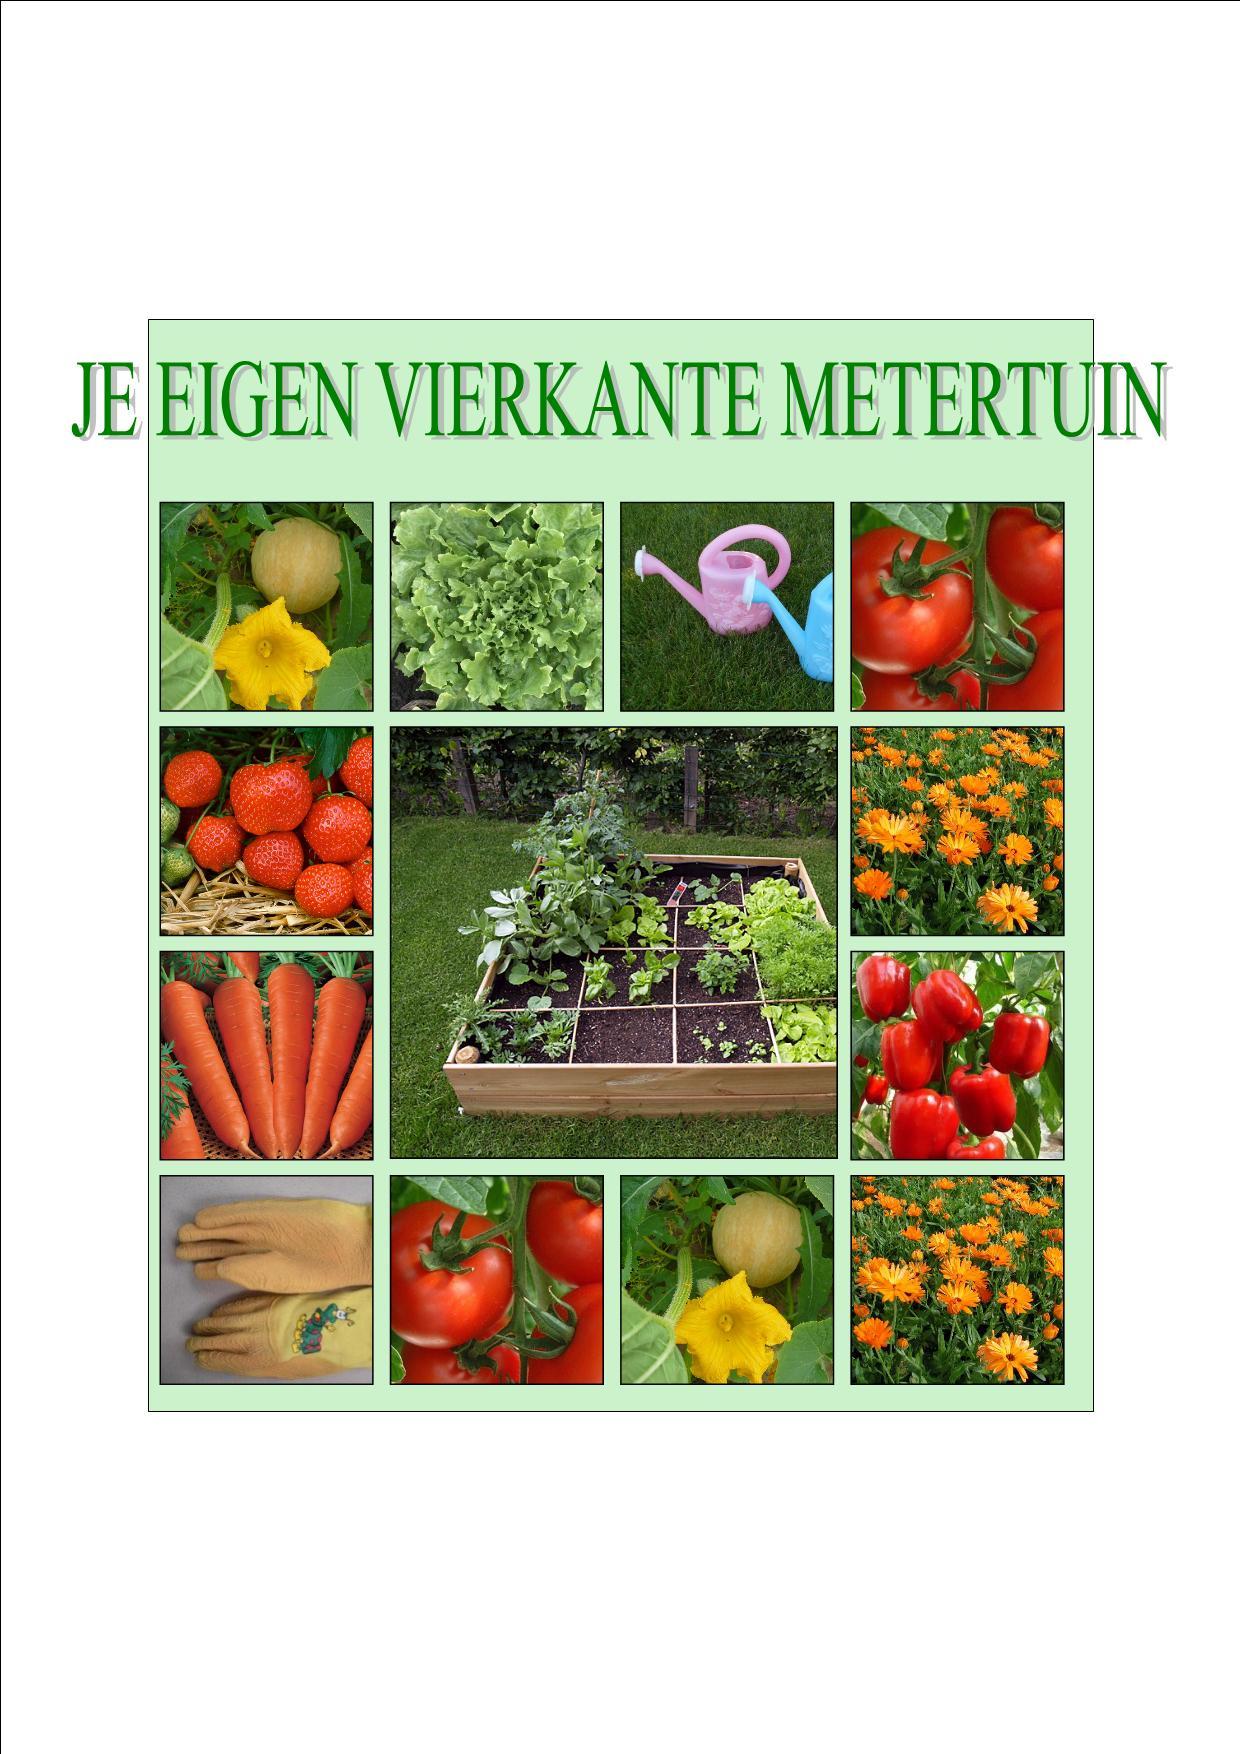 Vierkante meter tuin (1)